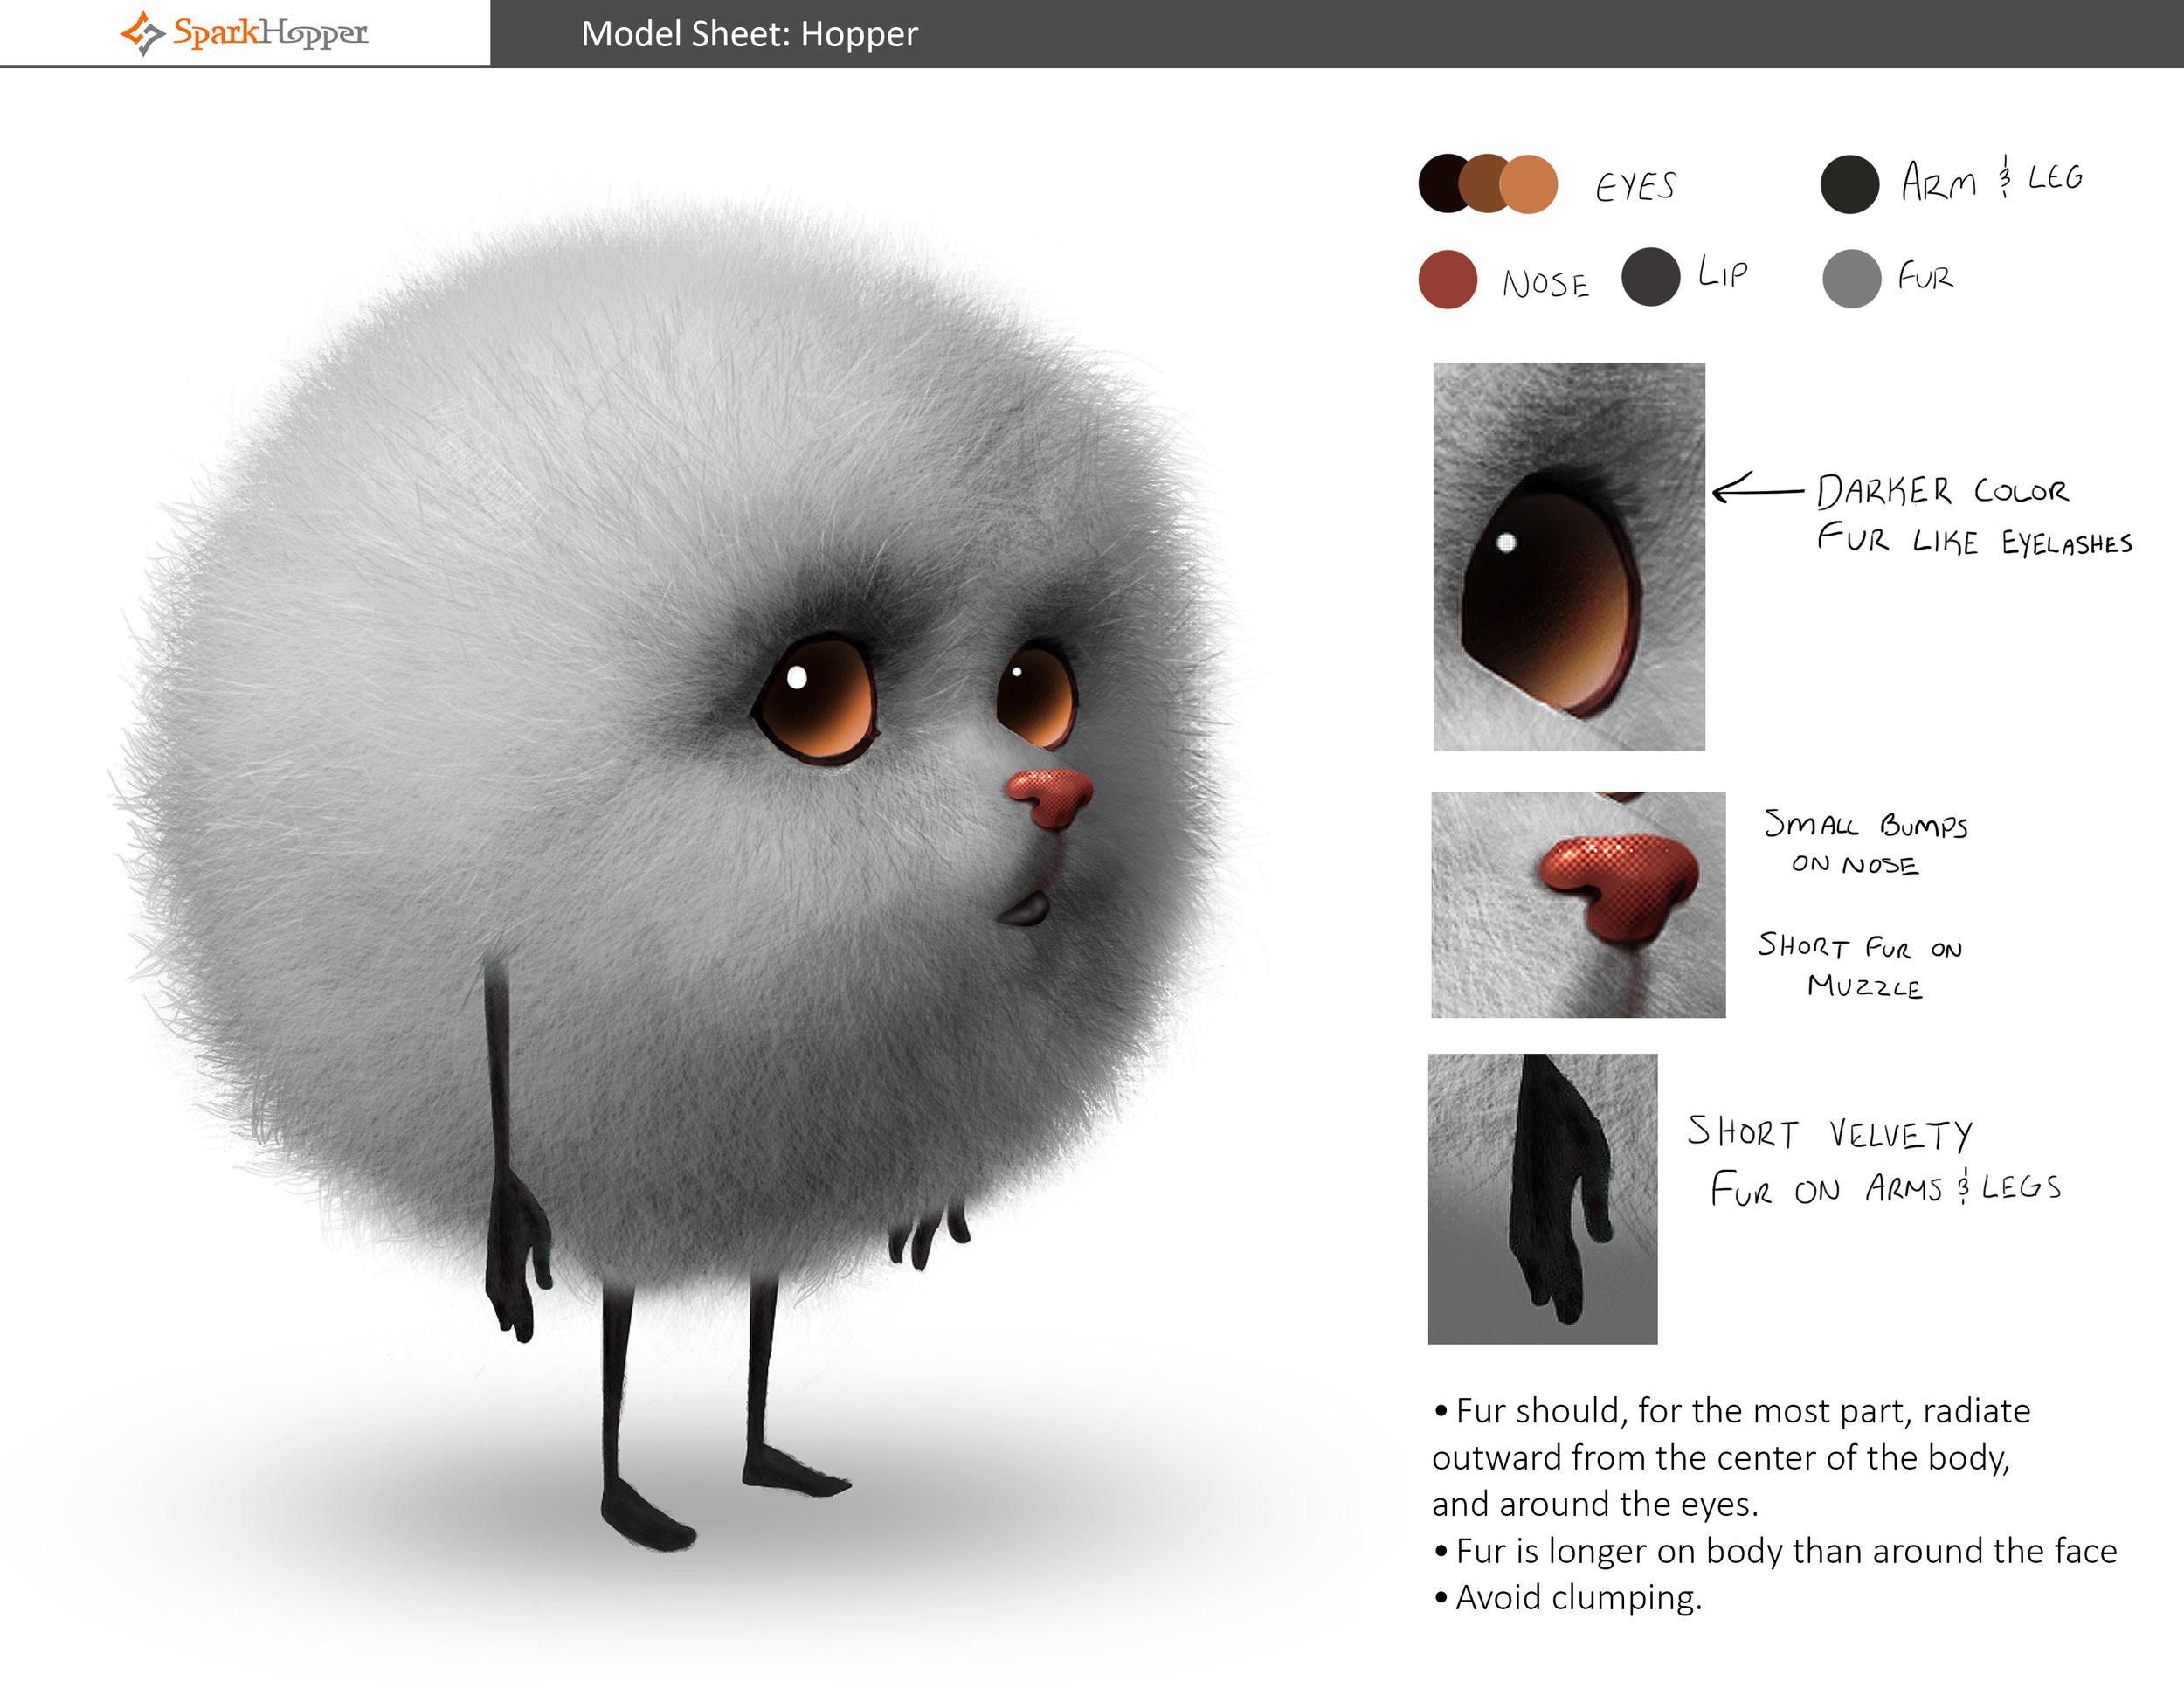 SparkHopper_ModelSheet-HopperDetail.jpg